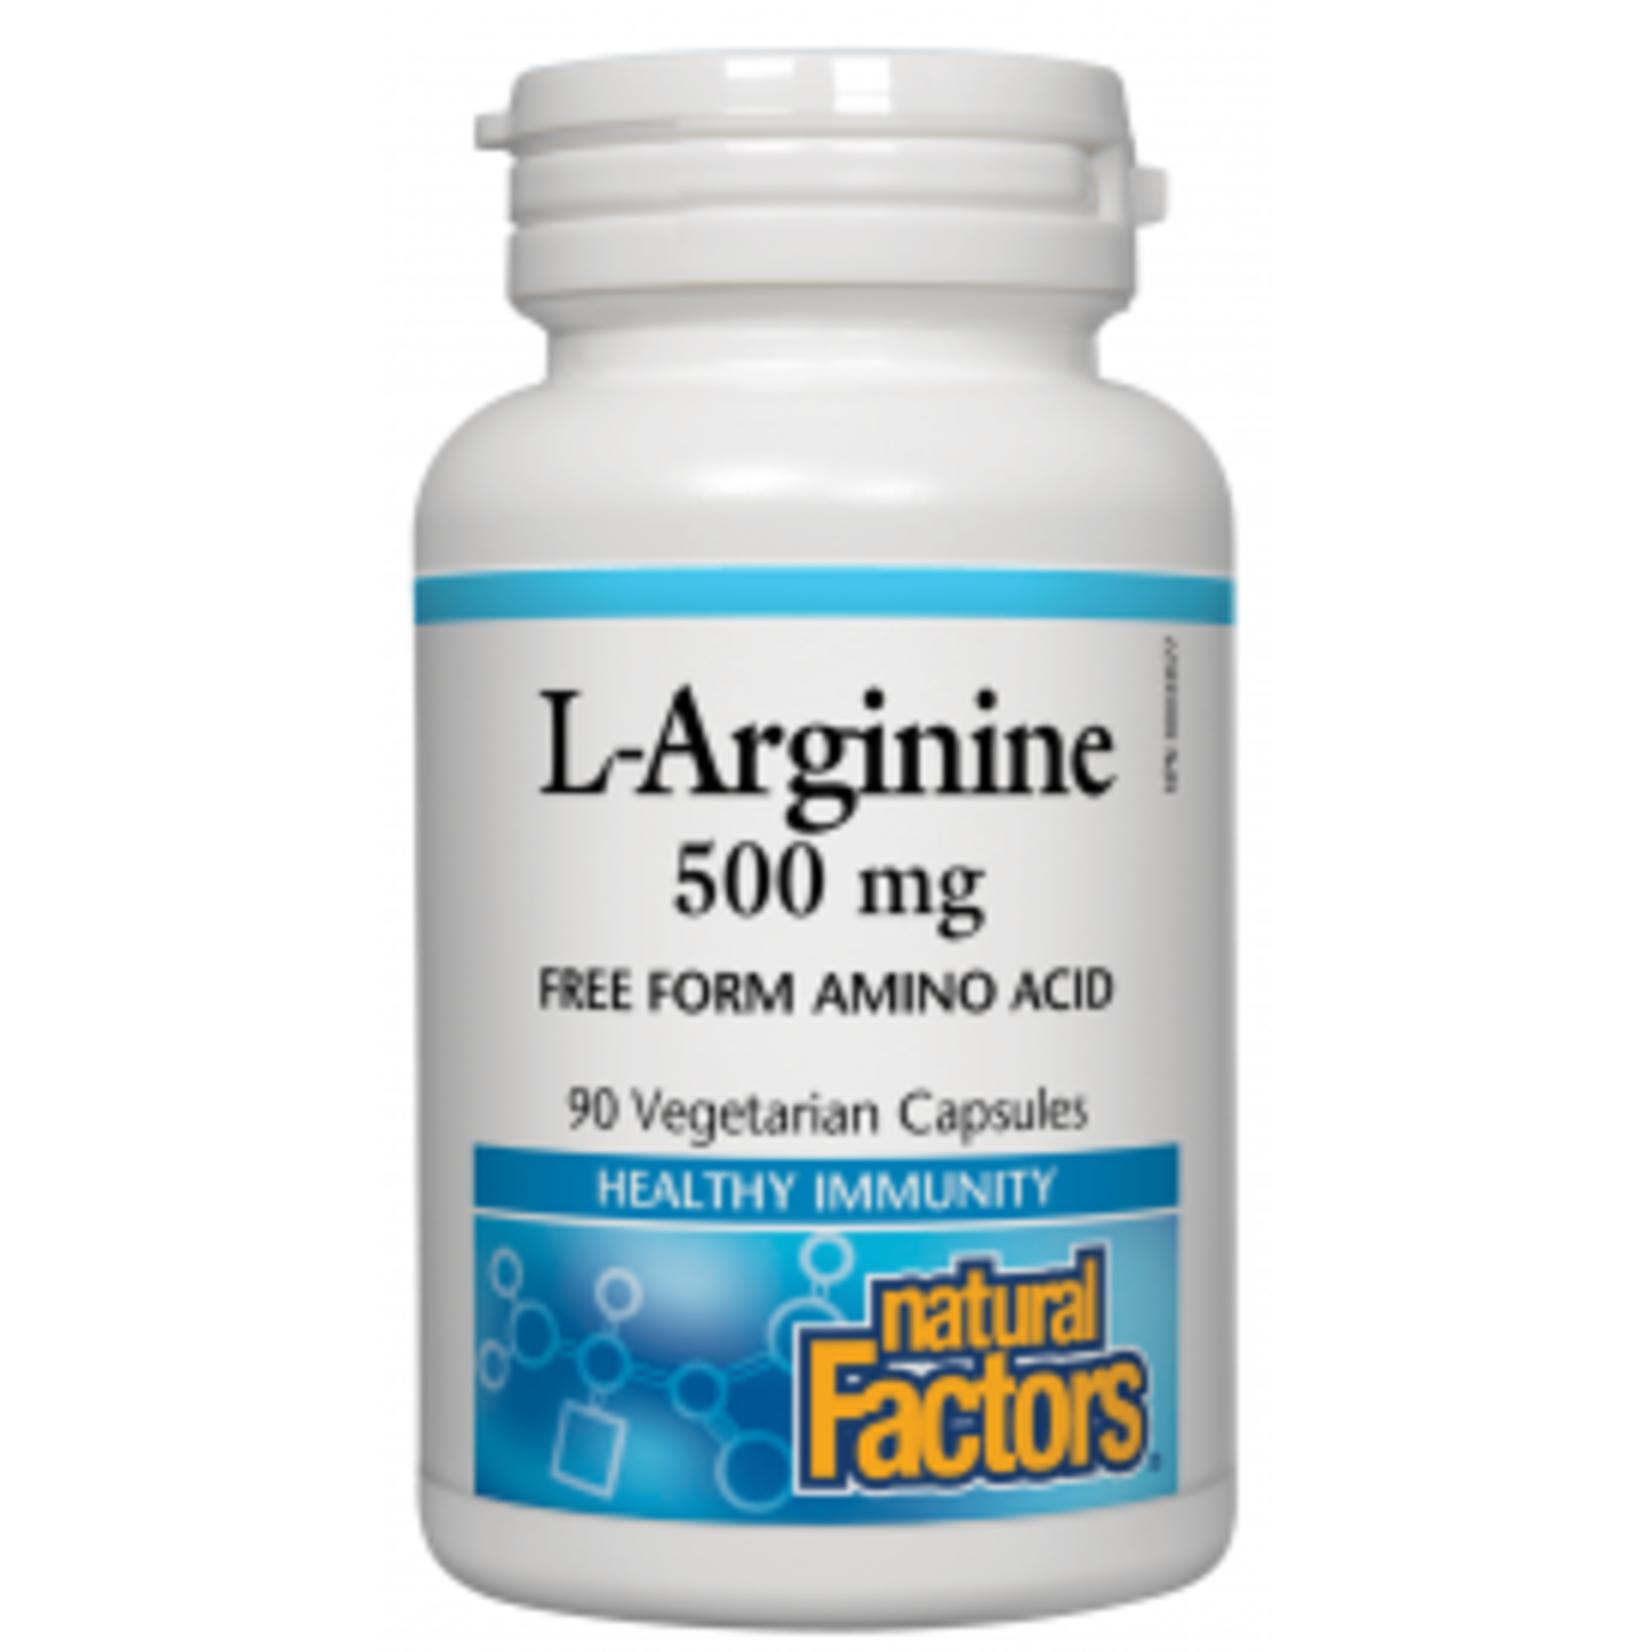 Natural Factors Natural Factors L-Arginine 500mg 90 caps